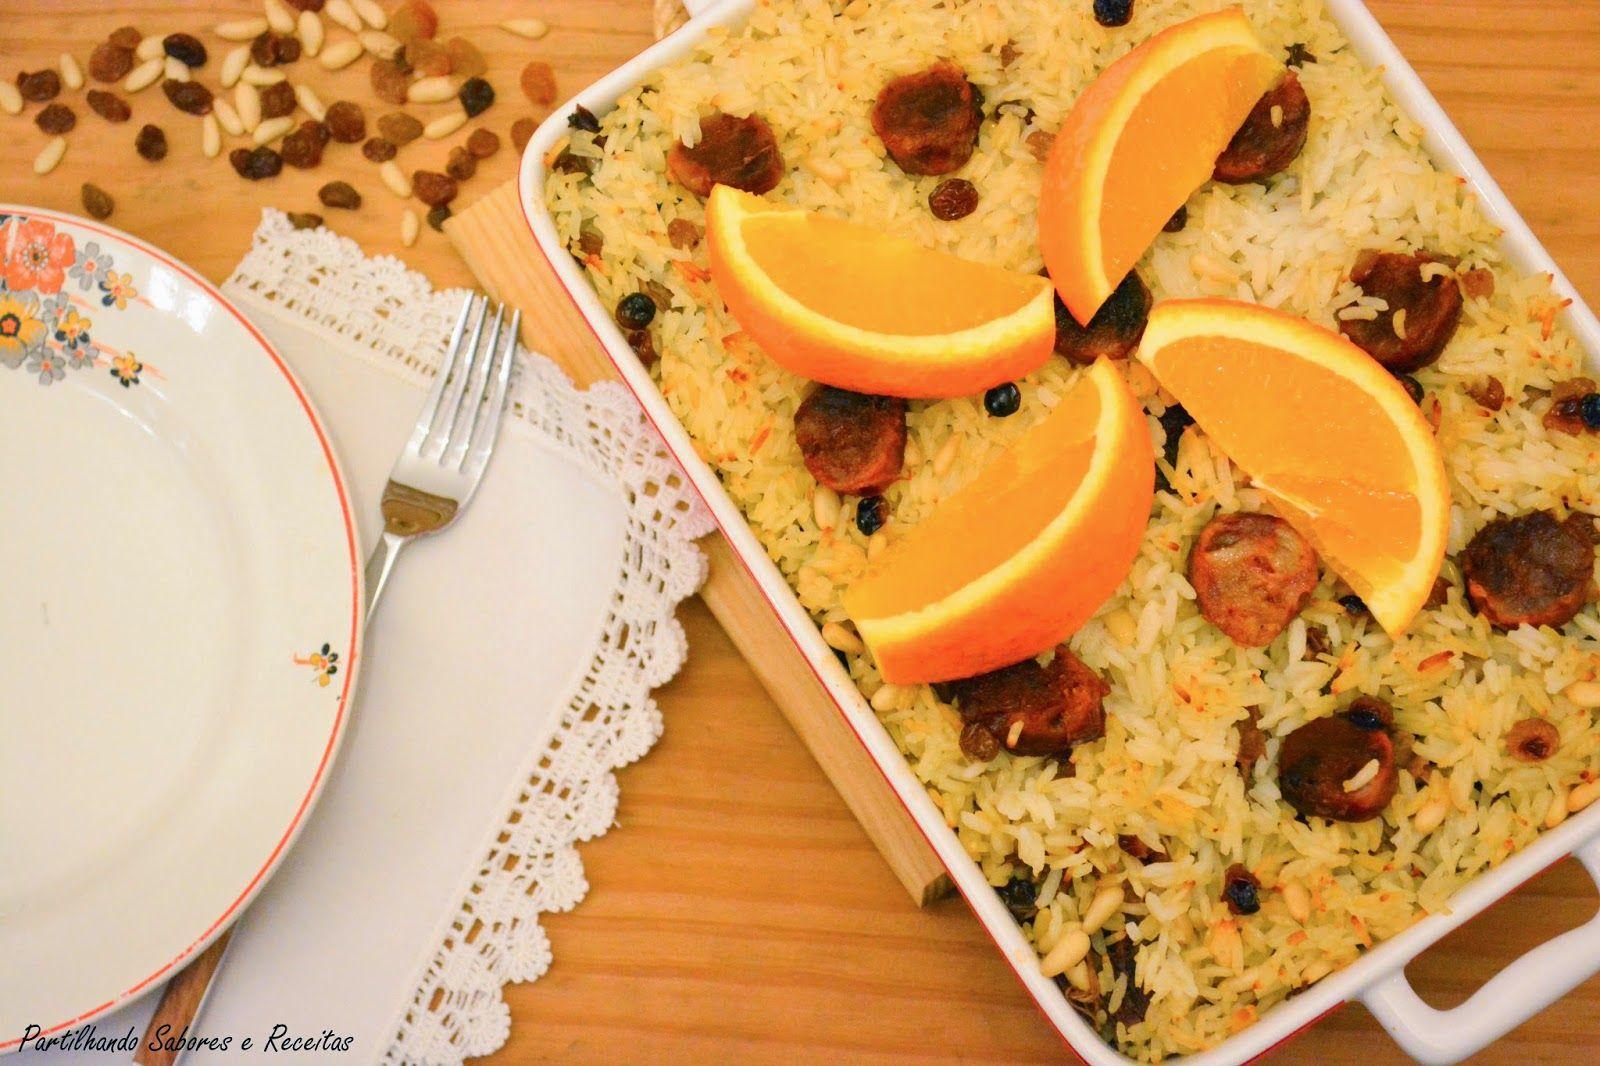 Partilhando Sabores e Receitas: Arroz de Pato com Frutos Secos